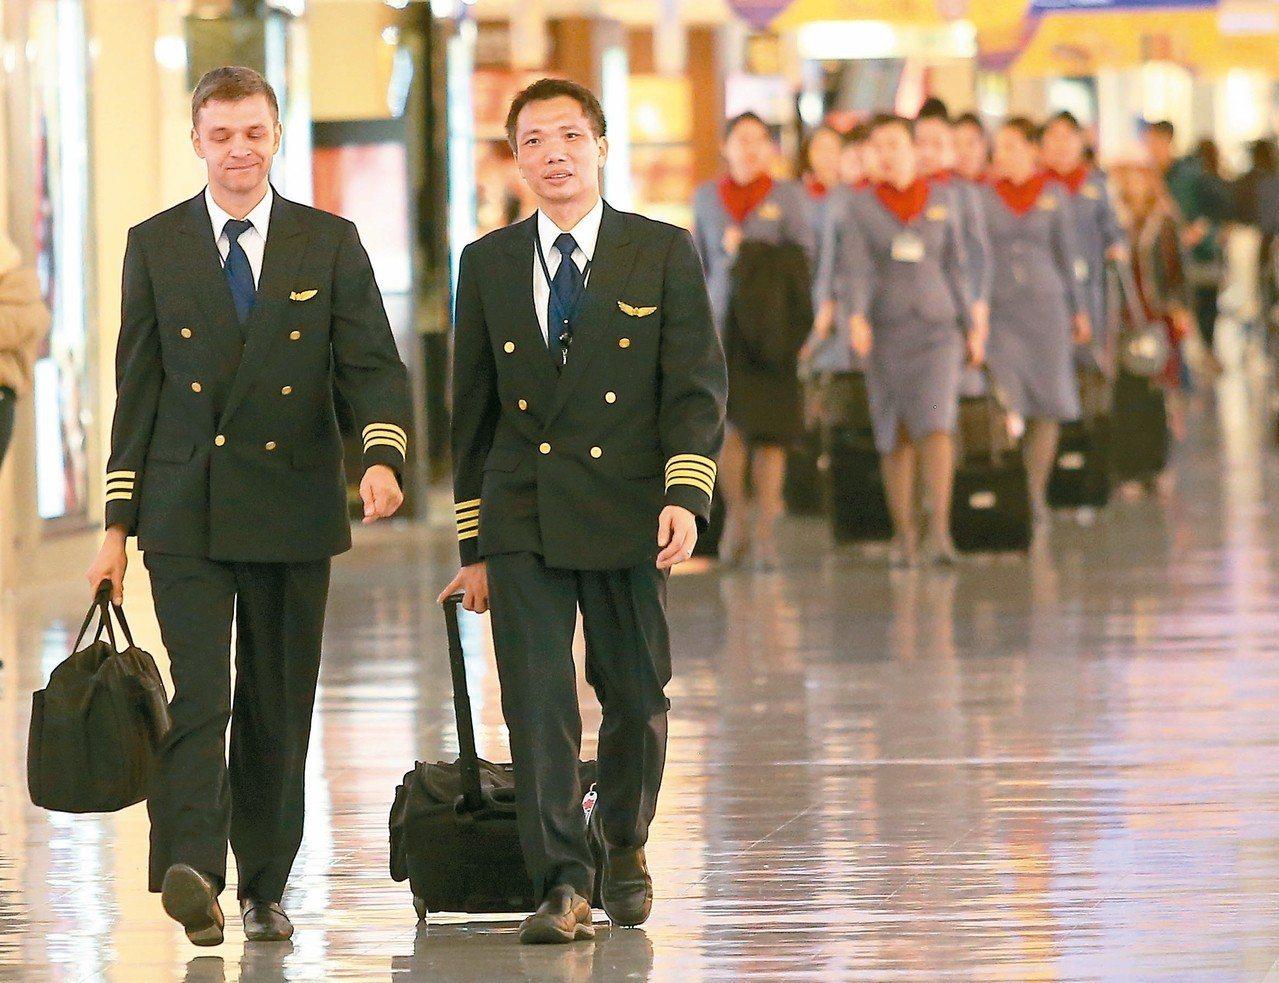 華航機師罷工今進入第七天,勞資雙方也將進行第四度協商,是否暫停招募外籍正機師、外...